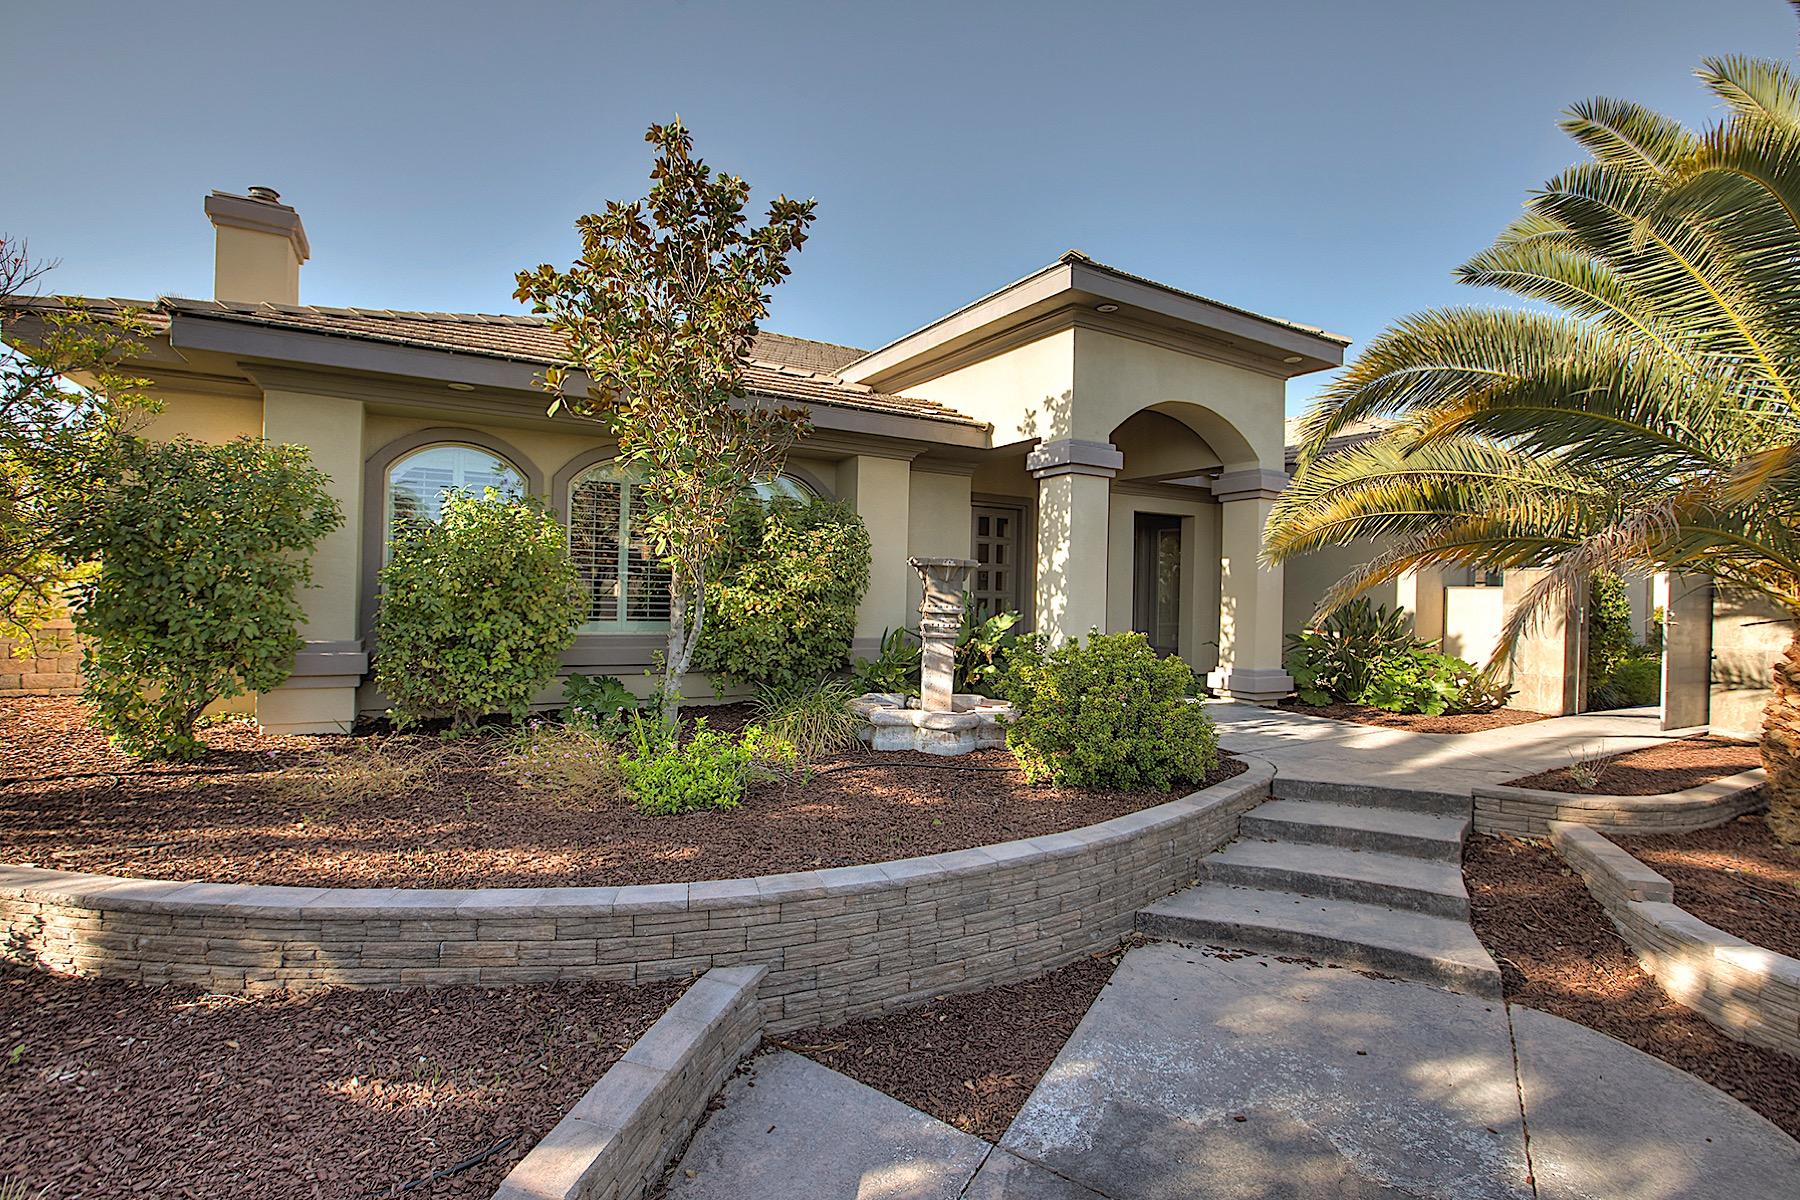 独户住宅 为 销售 在 8605 Queens Brook Ct 拉斯维加斯, 内华达州, 89129 美国